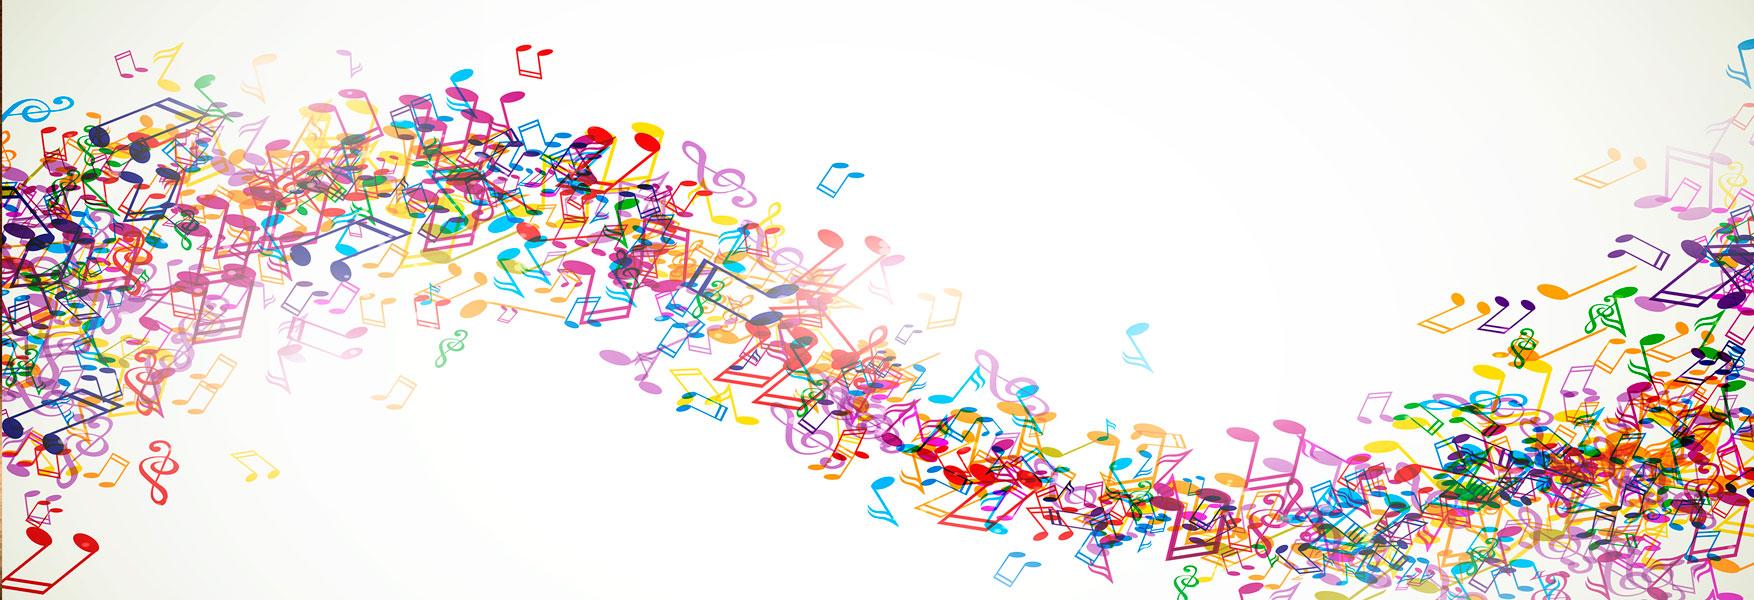 Fronteras y conocimiento en música? unos apuntes - OpenMind